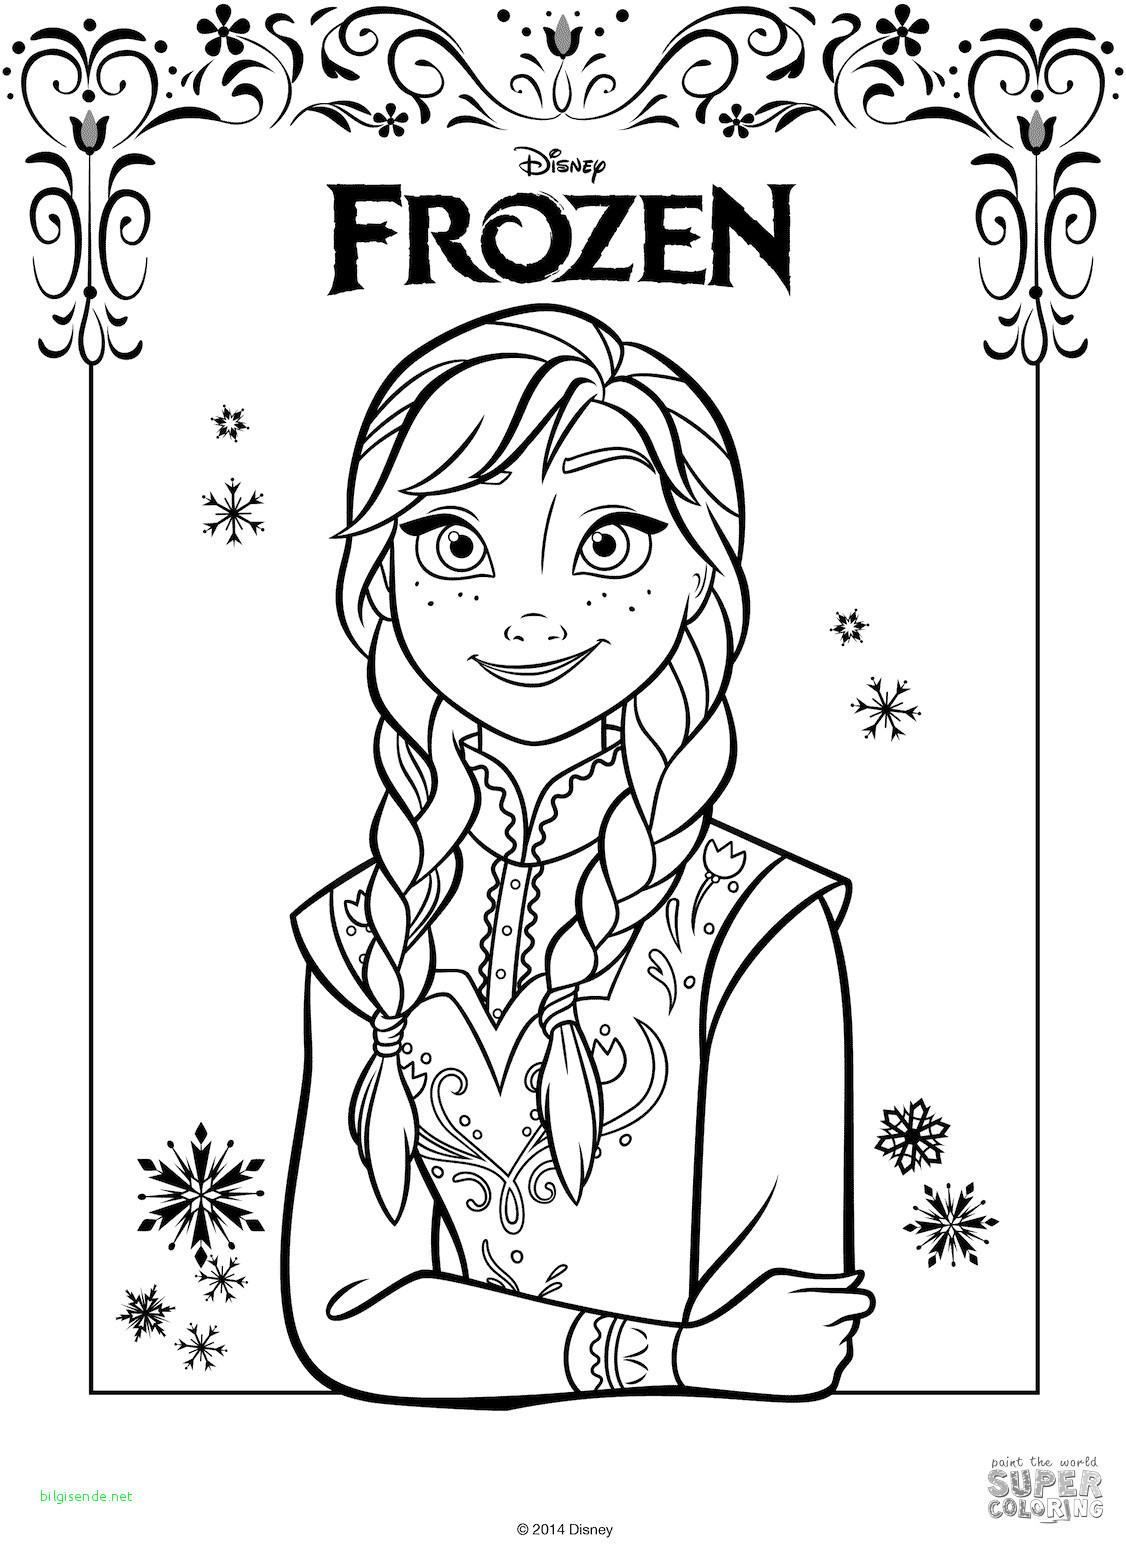 Anna Und Elsa Ausmalbilder Frisch 45 Frisch Prinzessin Elsa Ausmalbilder Mickeycarrollmunchkin Bild